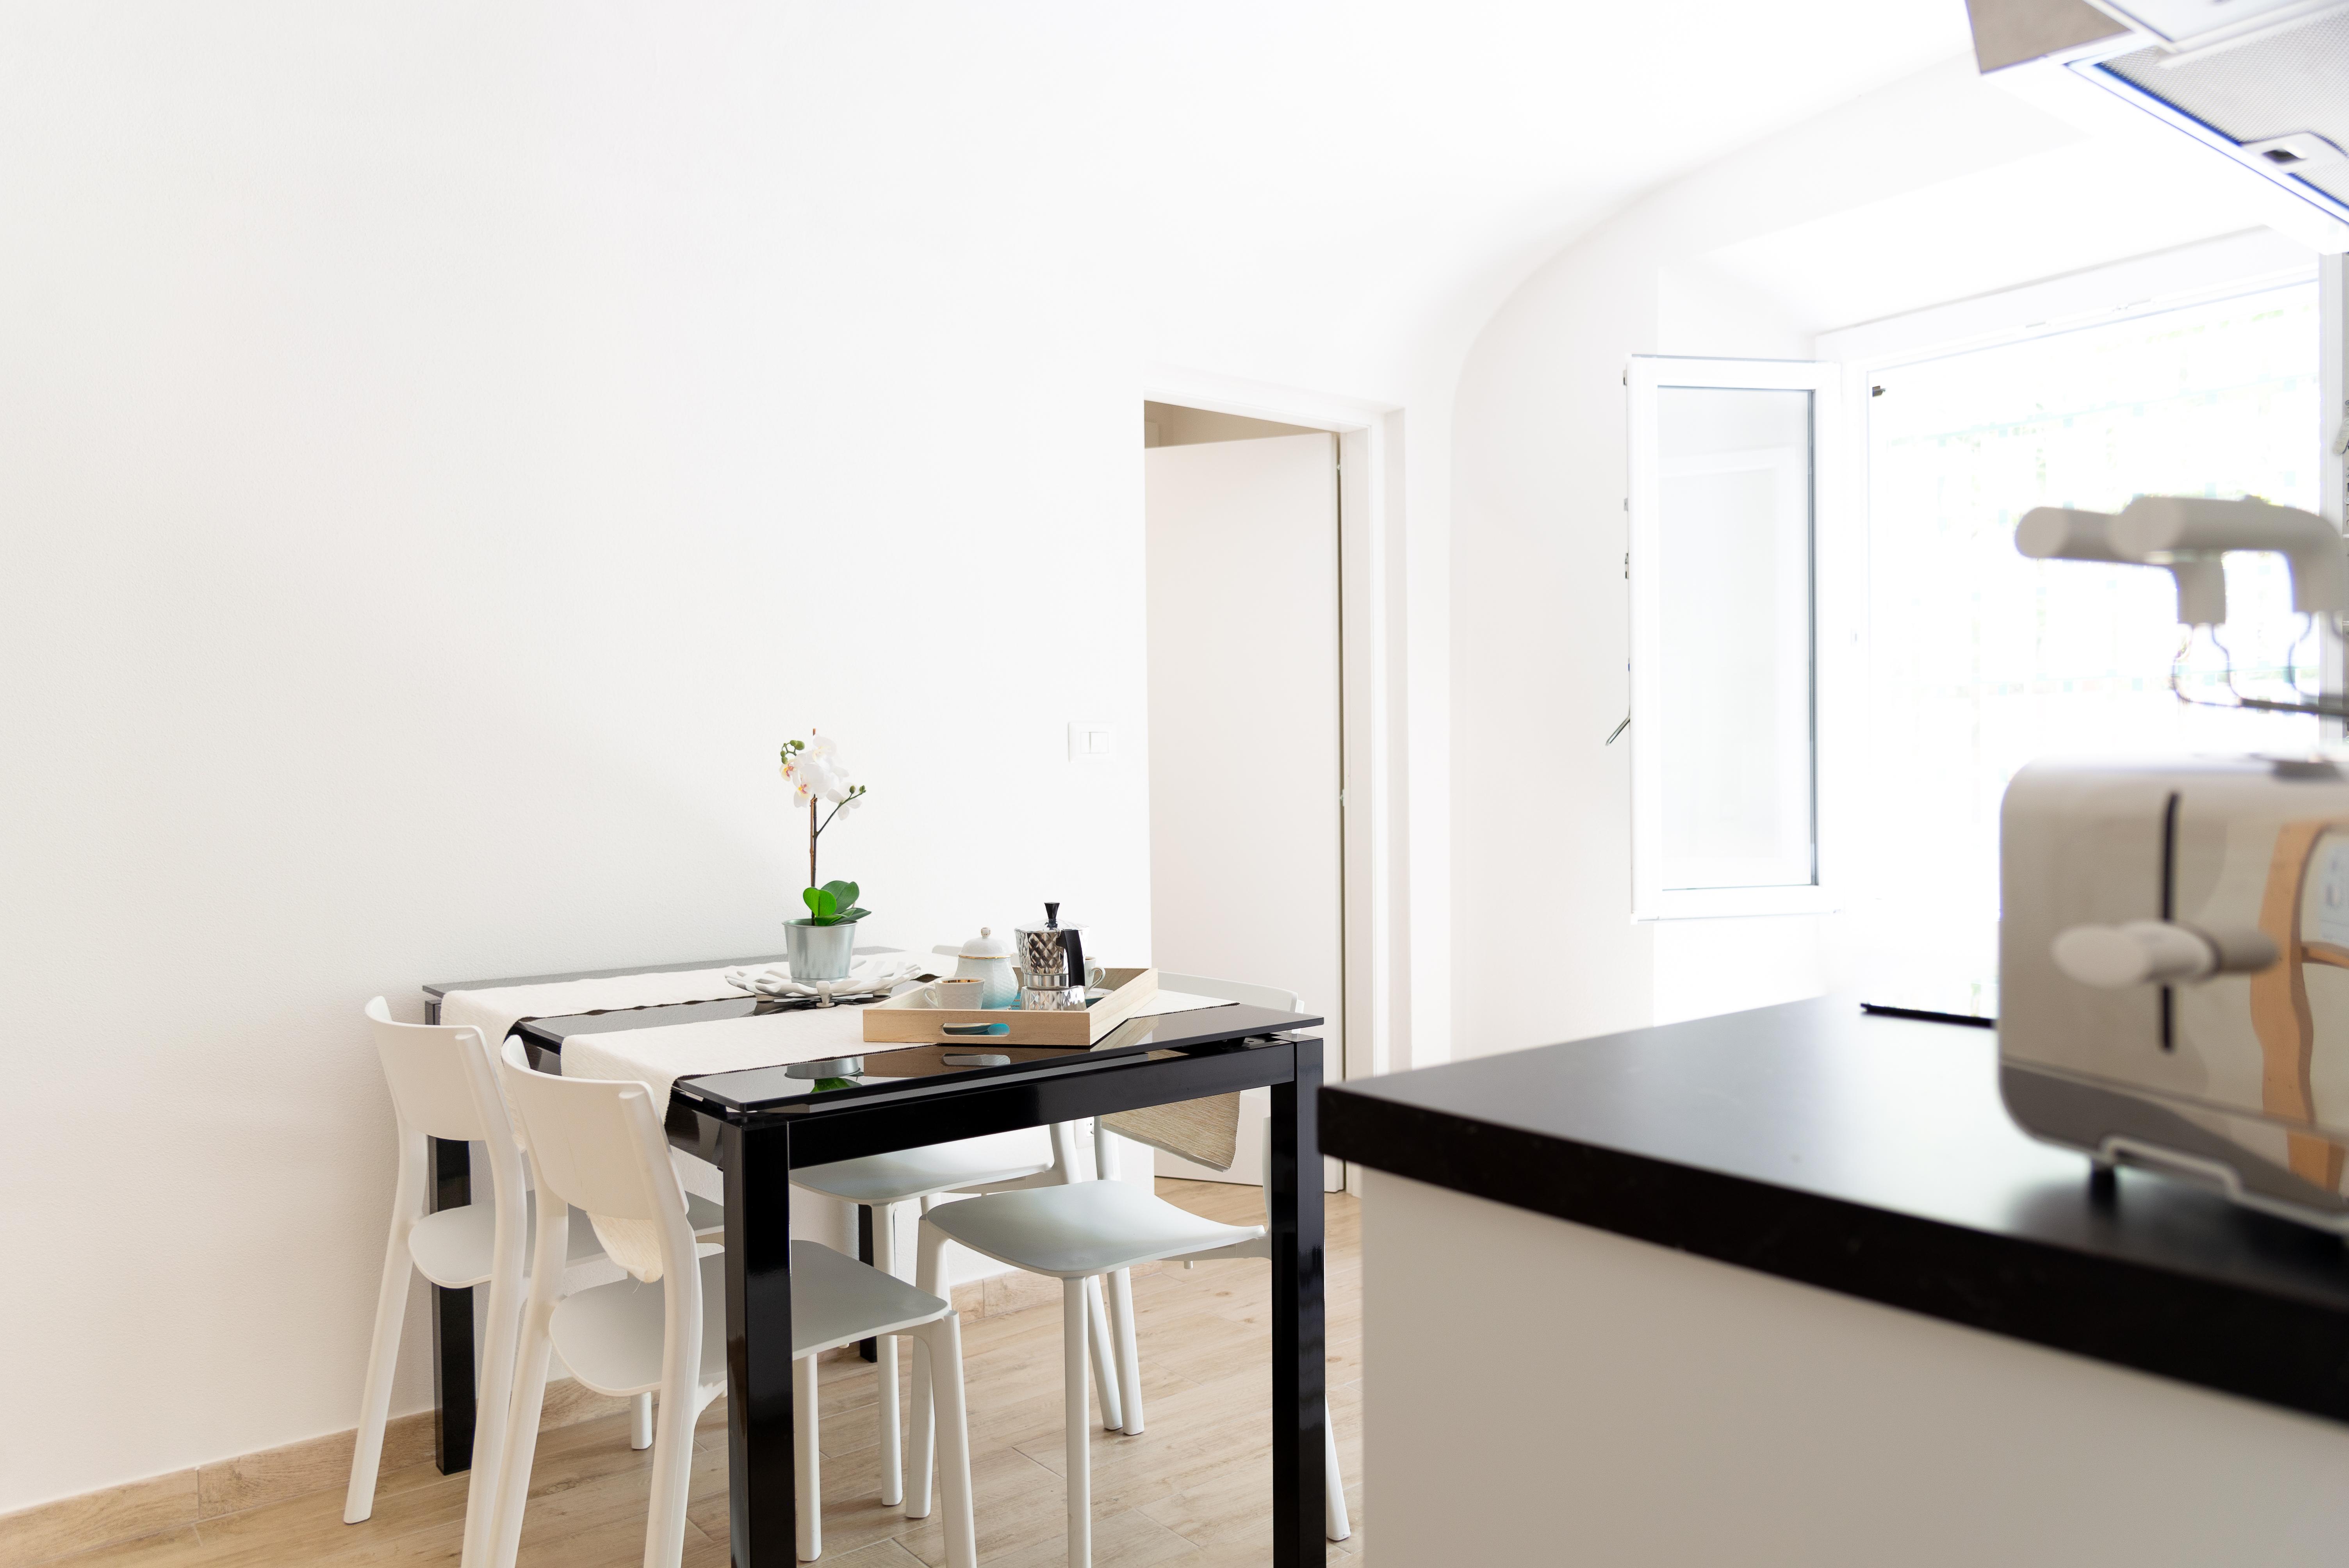 Cucina   Appartamento privato a Firenze